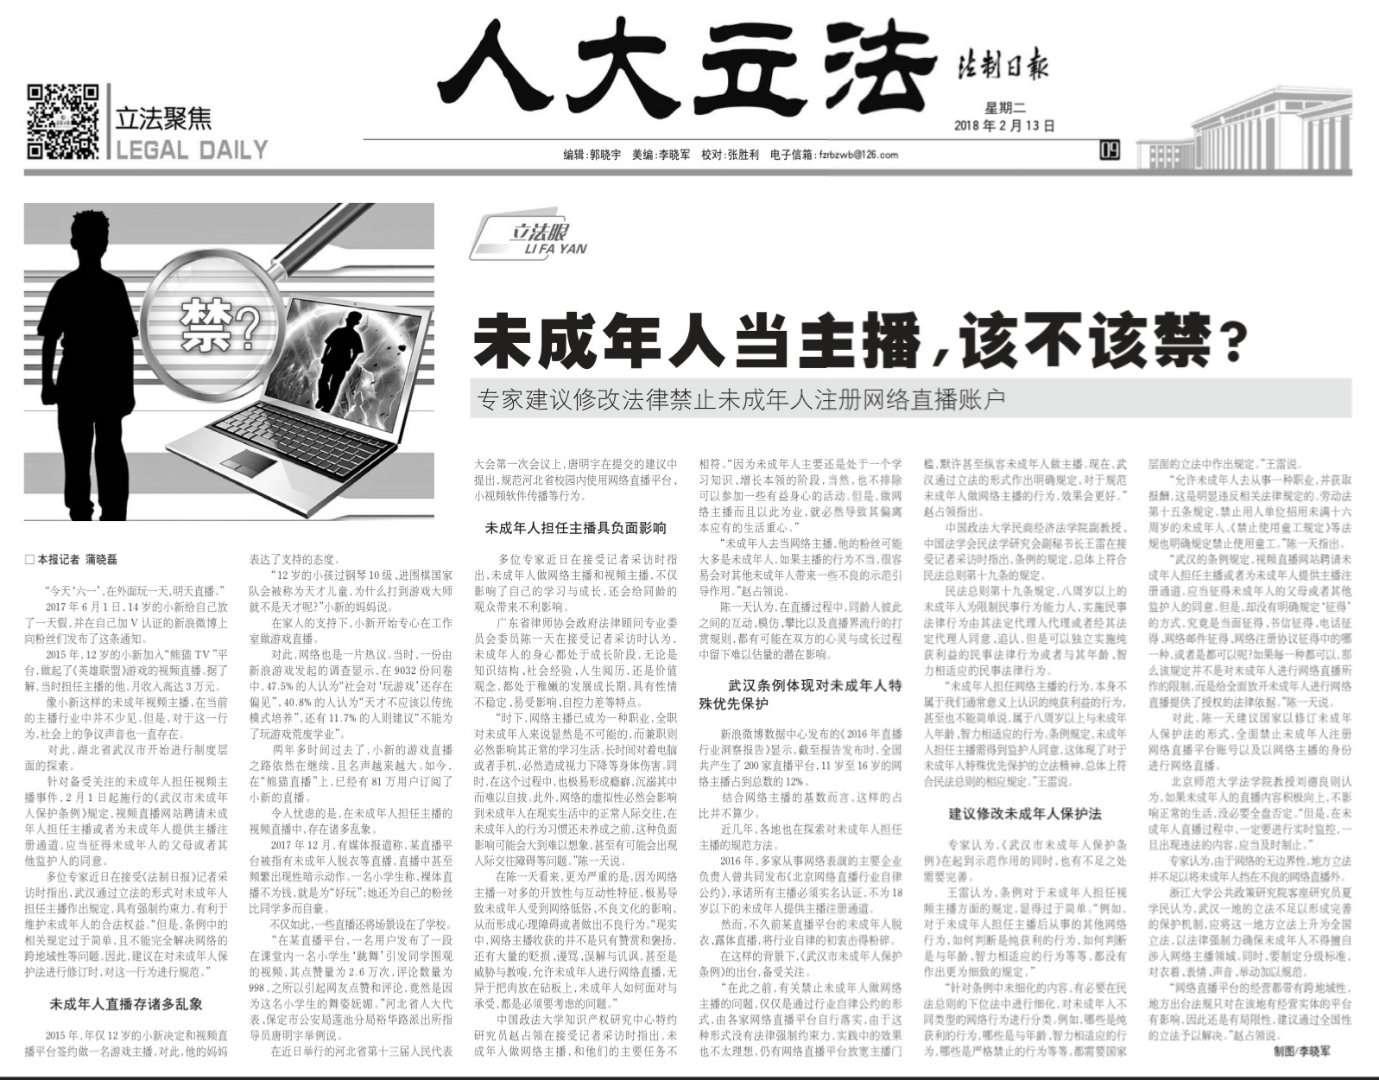 法制日报采访陈一天律师:未成年人当主播,该不该禁?